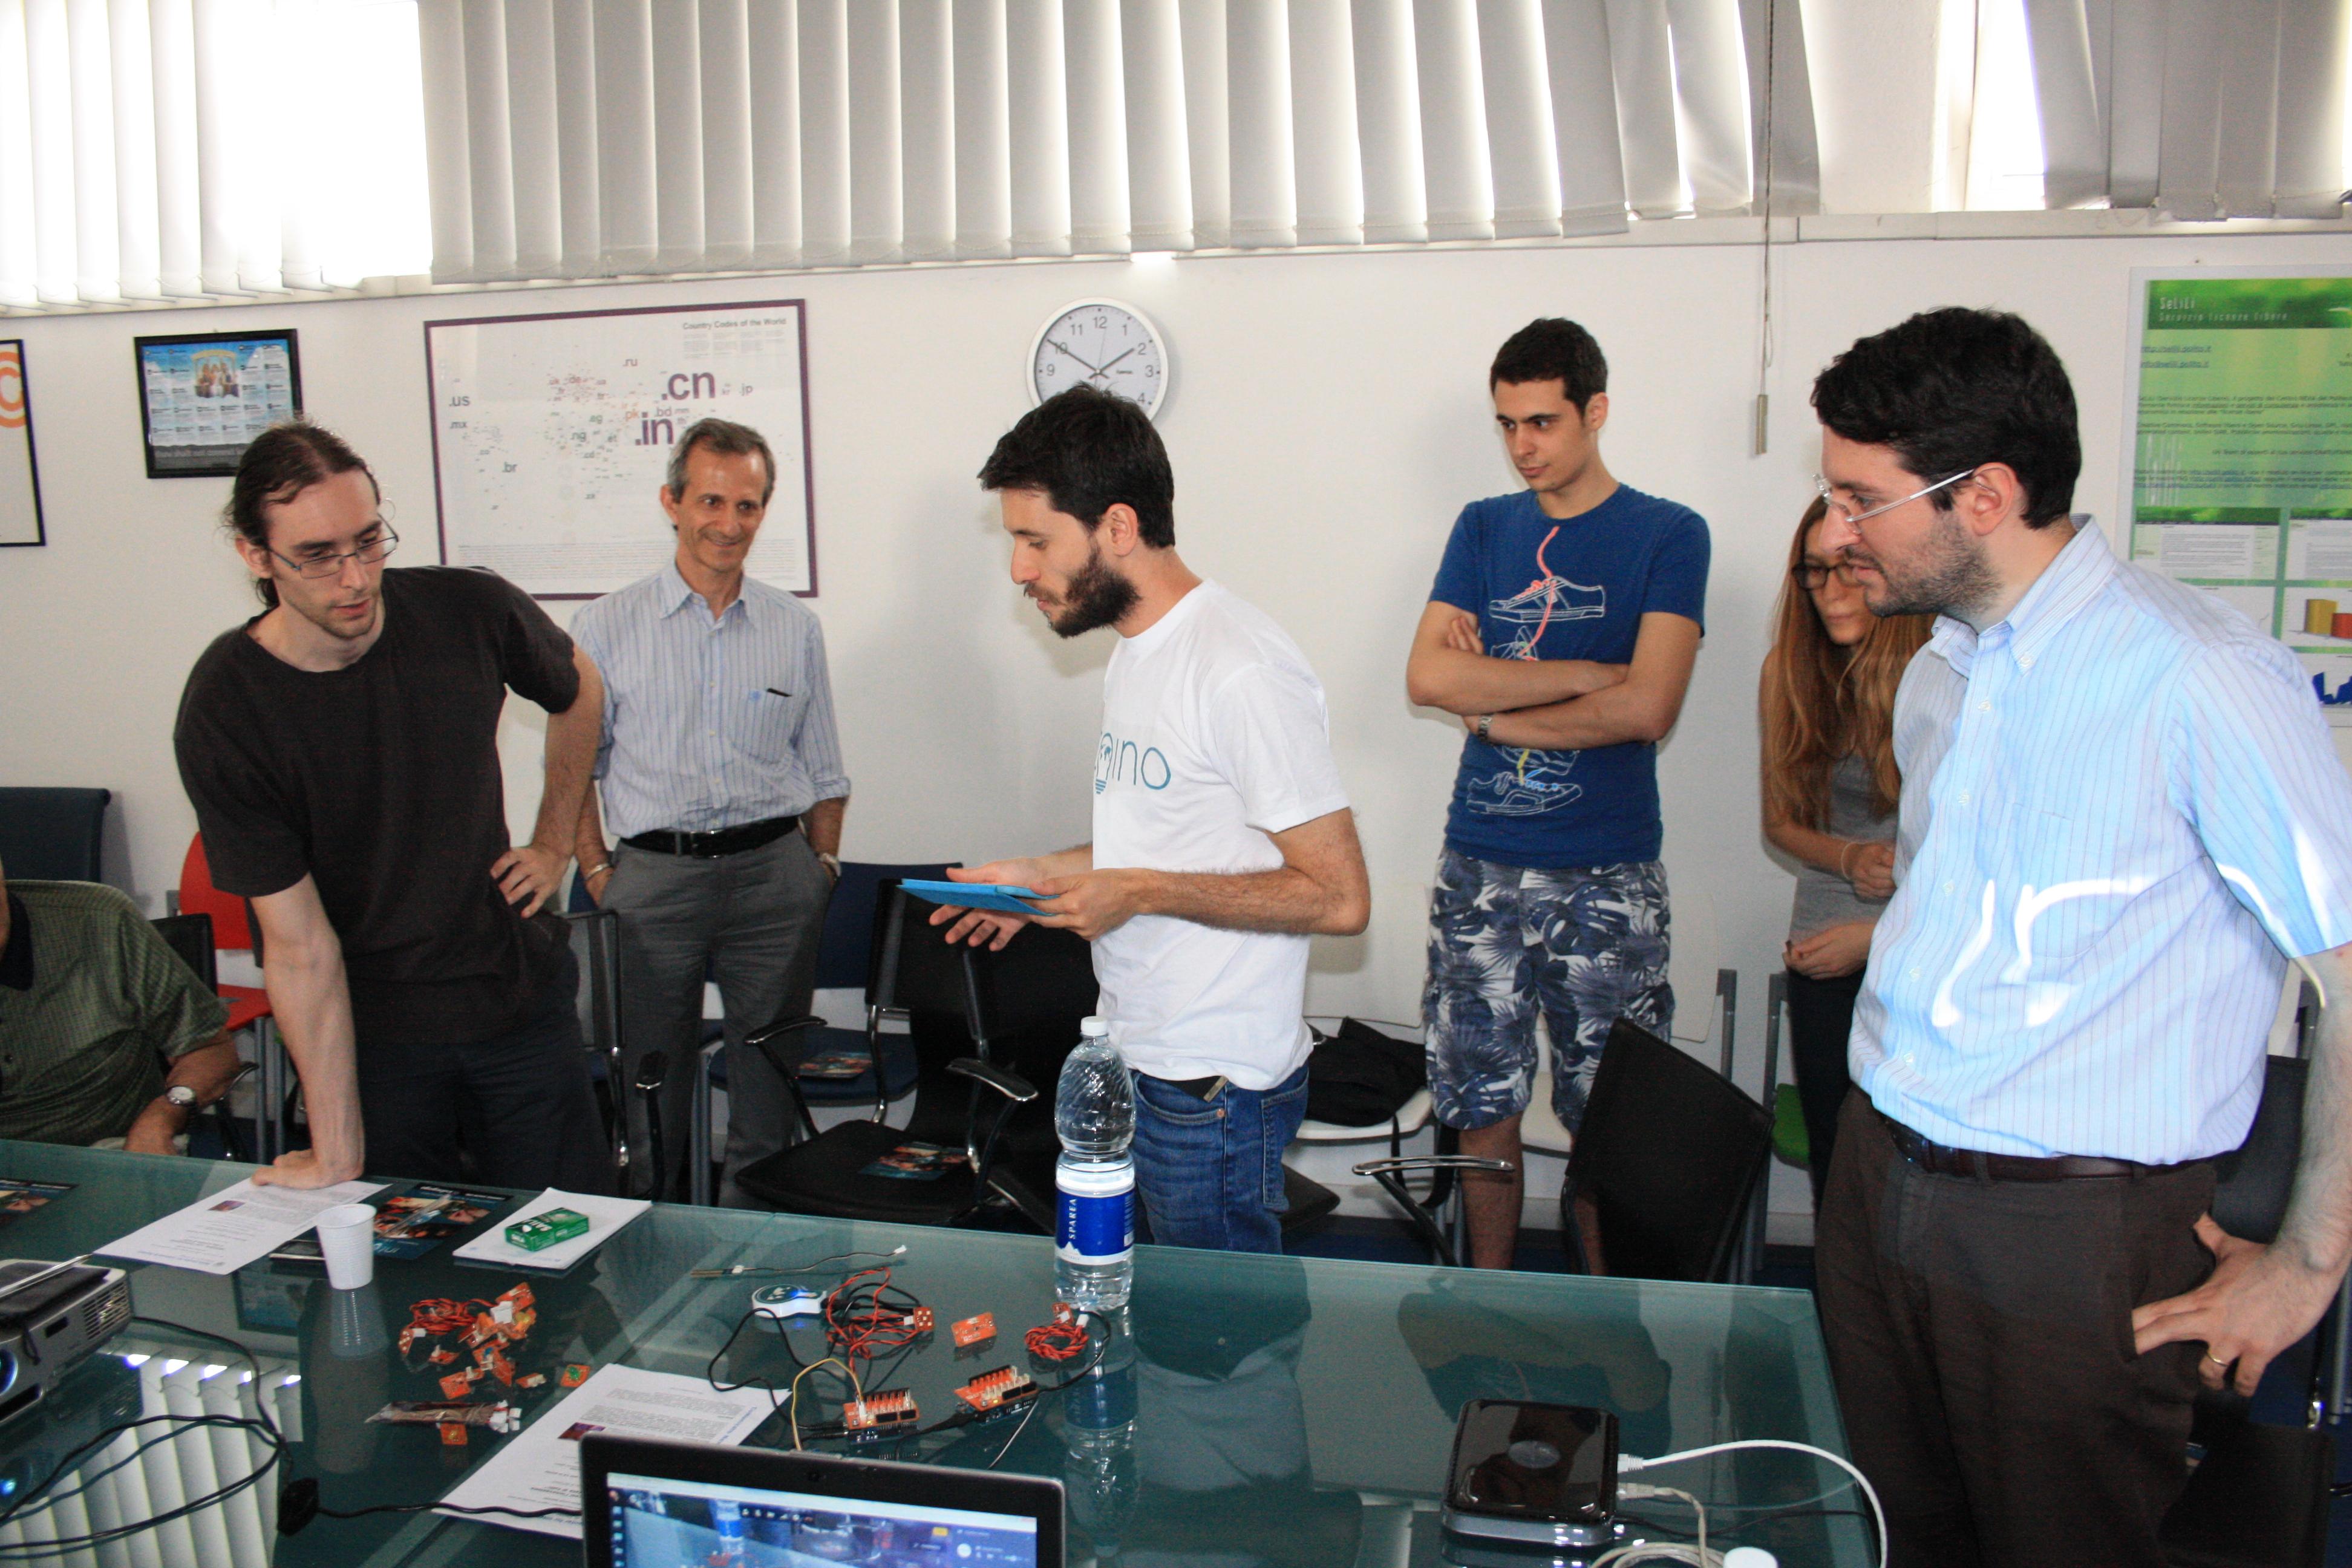 22° Nexa Lunch Seminar - INTOINO, così l'innovazione è alla portata di tutti